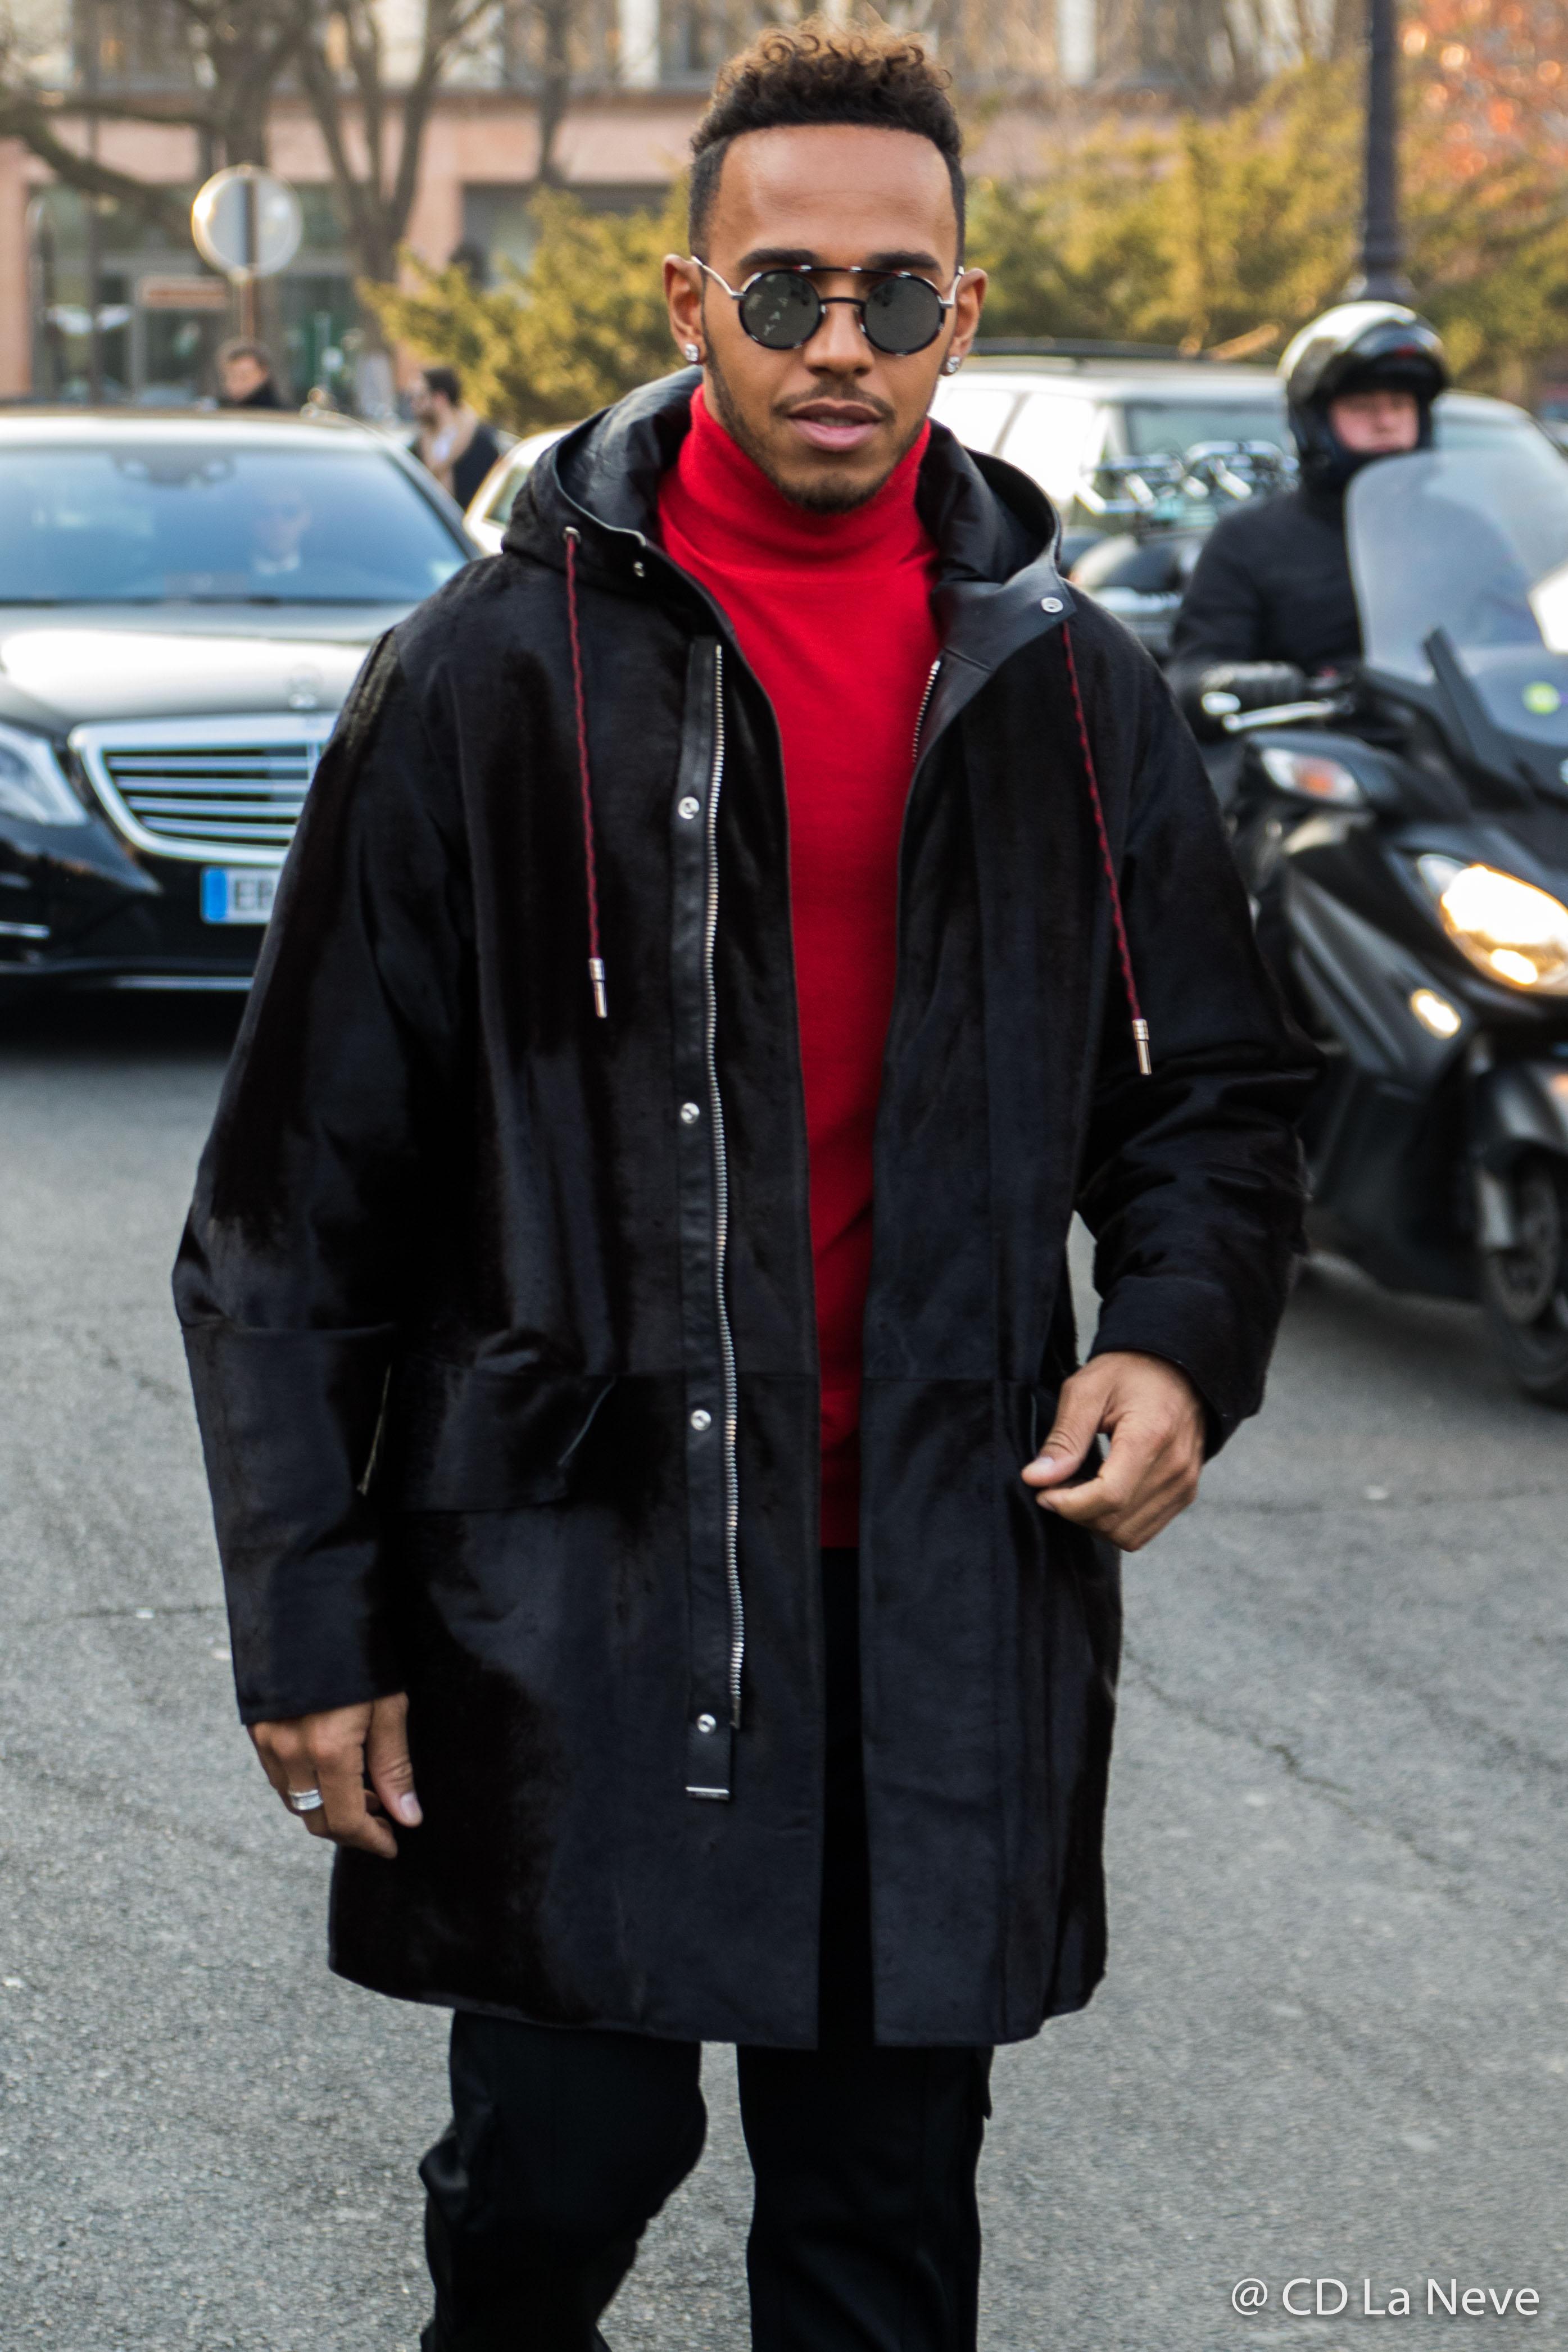 Lewis Hamilton Street Style PFWM Dior Homme AW17